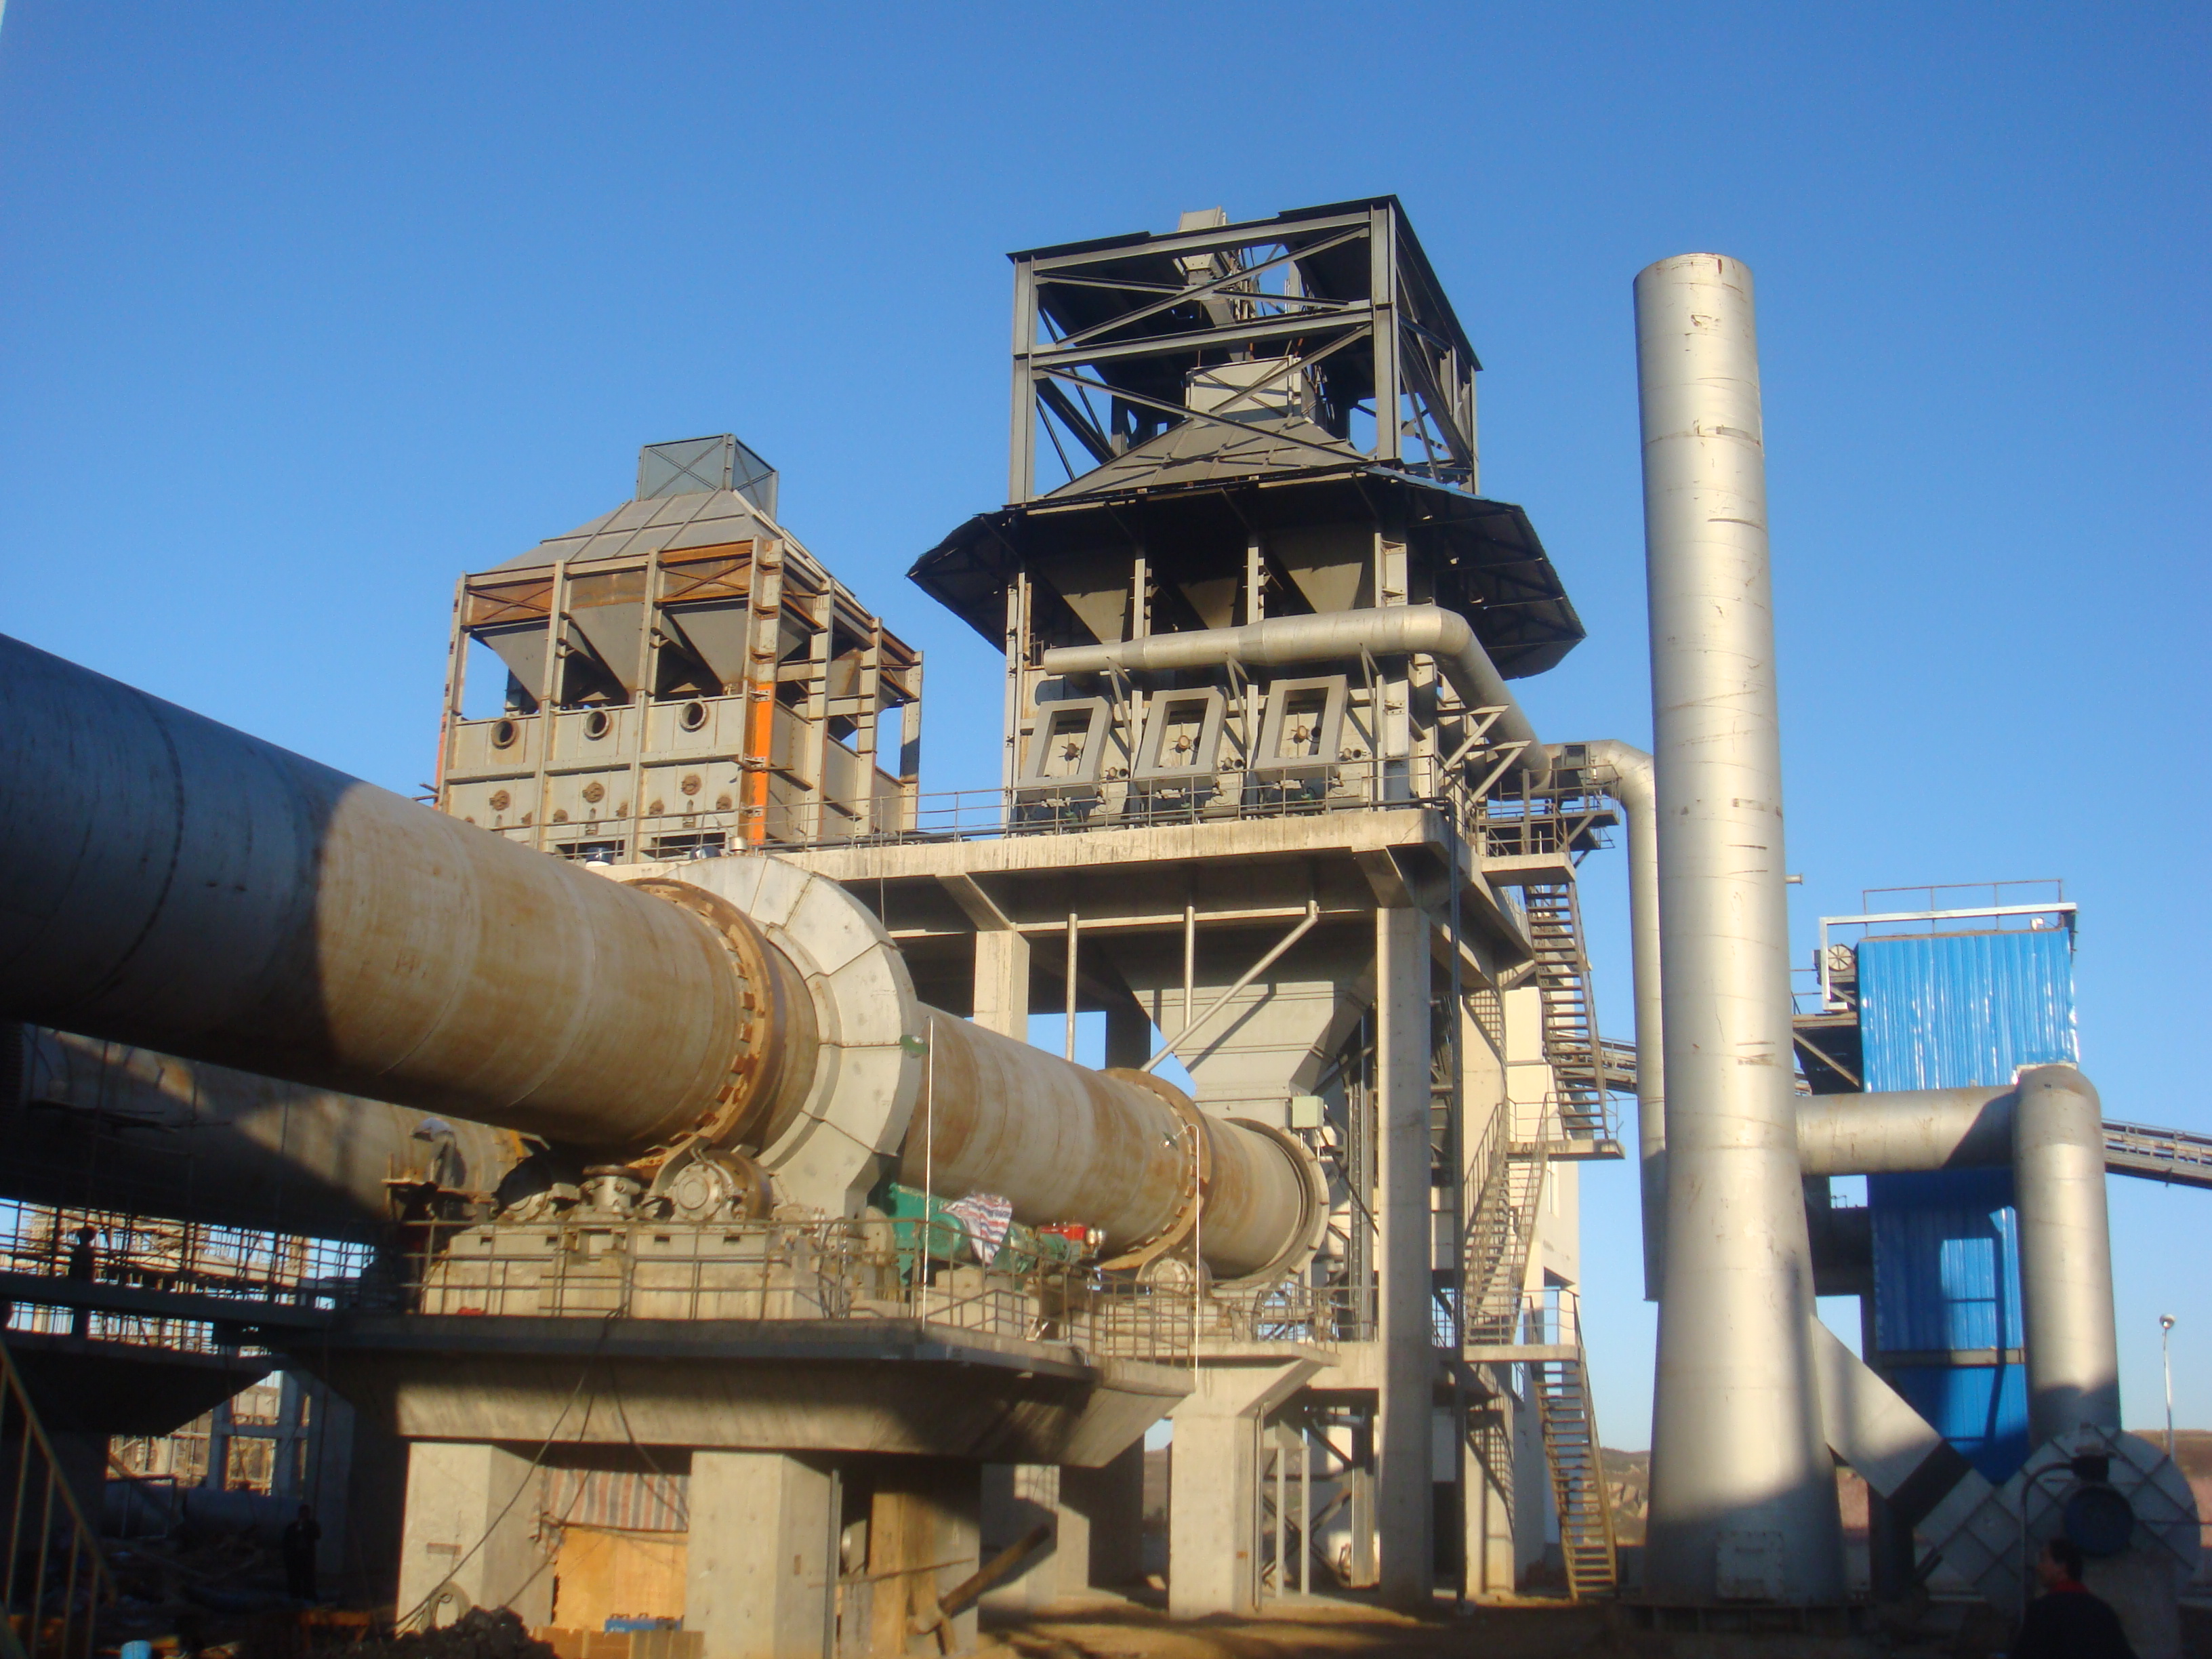 水泥煅烧设备_水泥煅烧技术及设备:回转窑篇 pdf_石灰煅烧设备技术